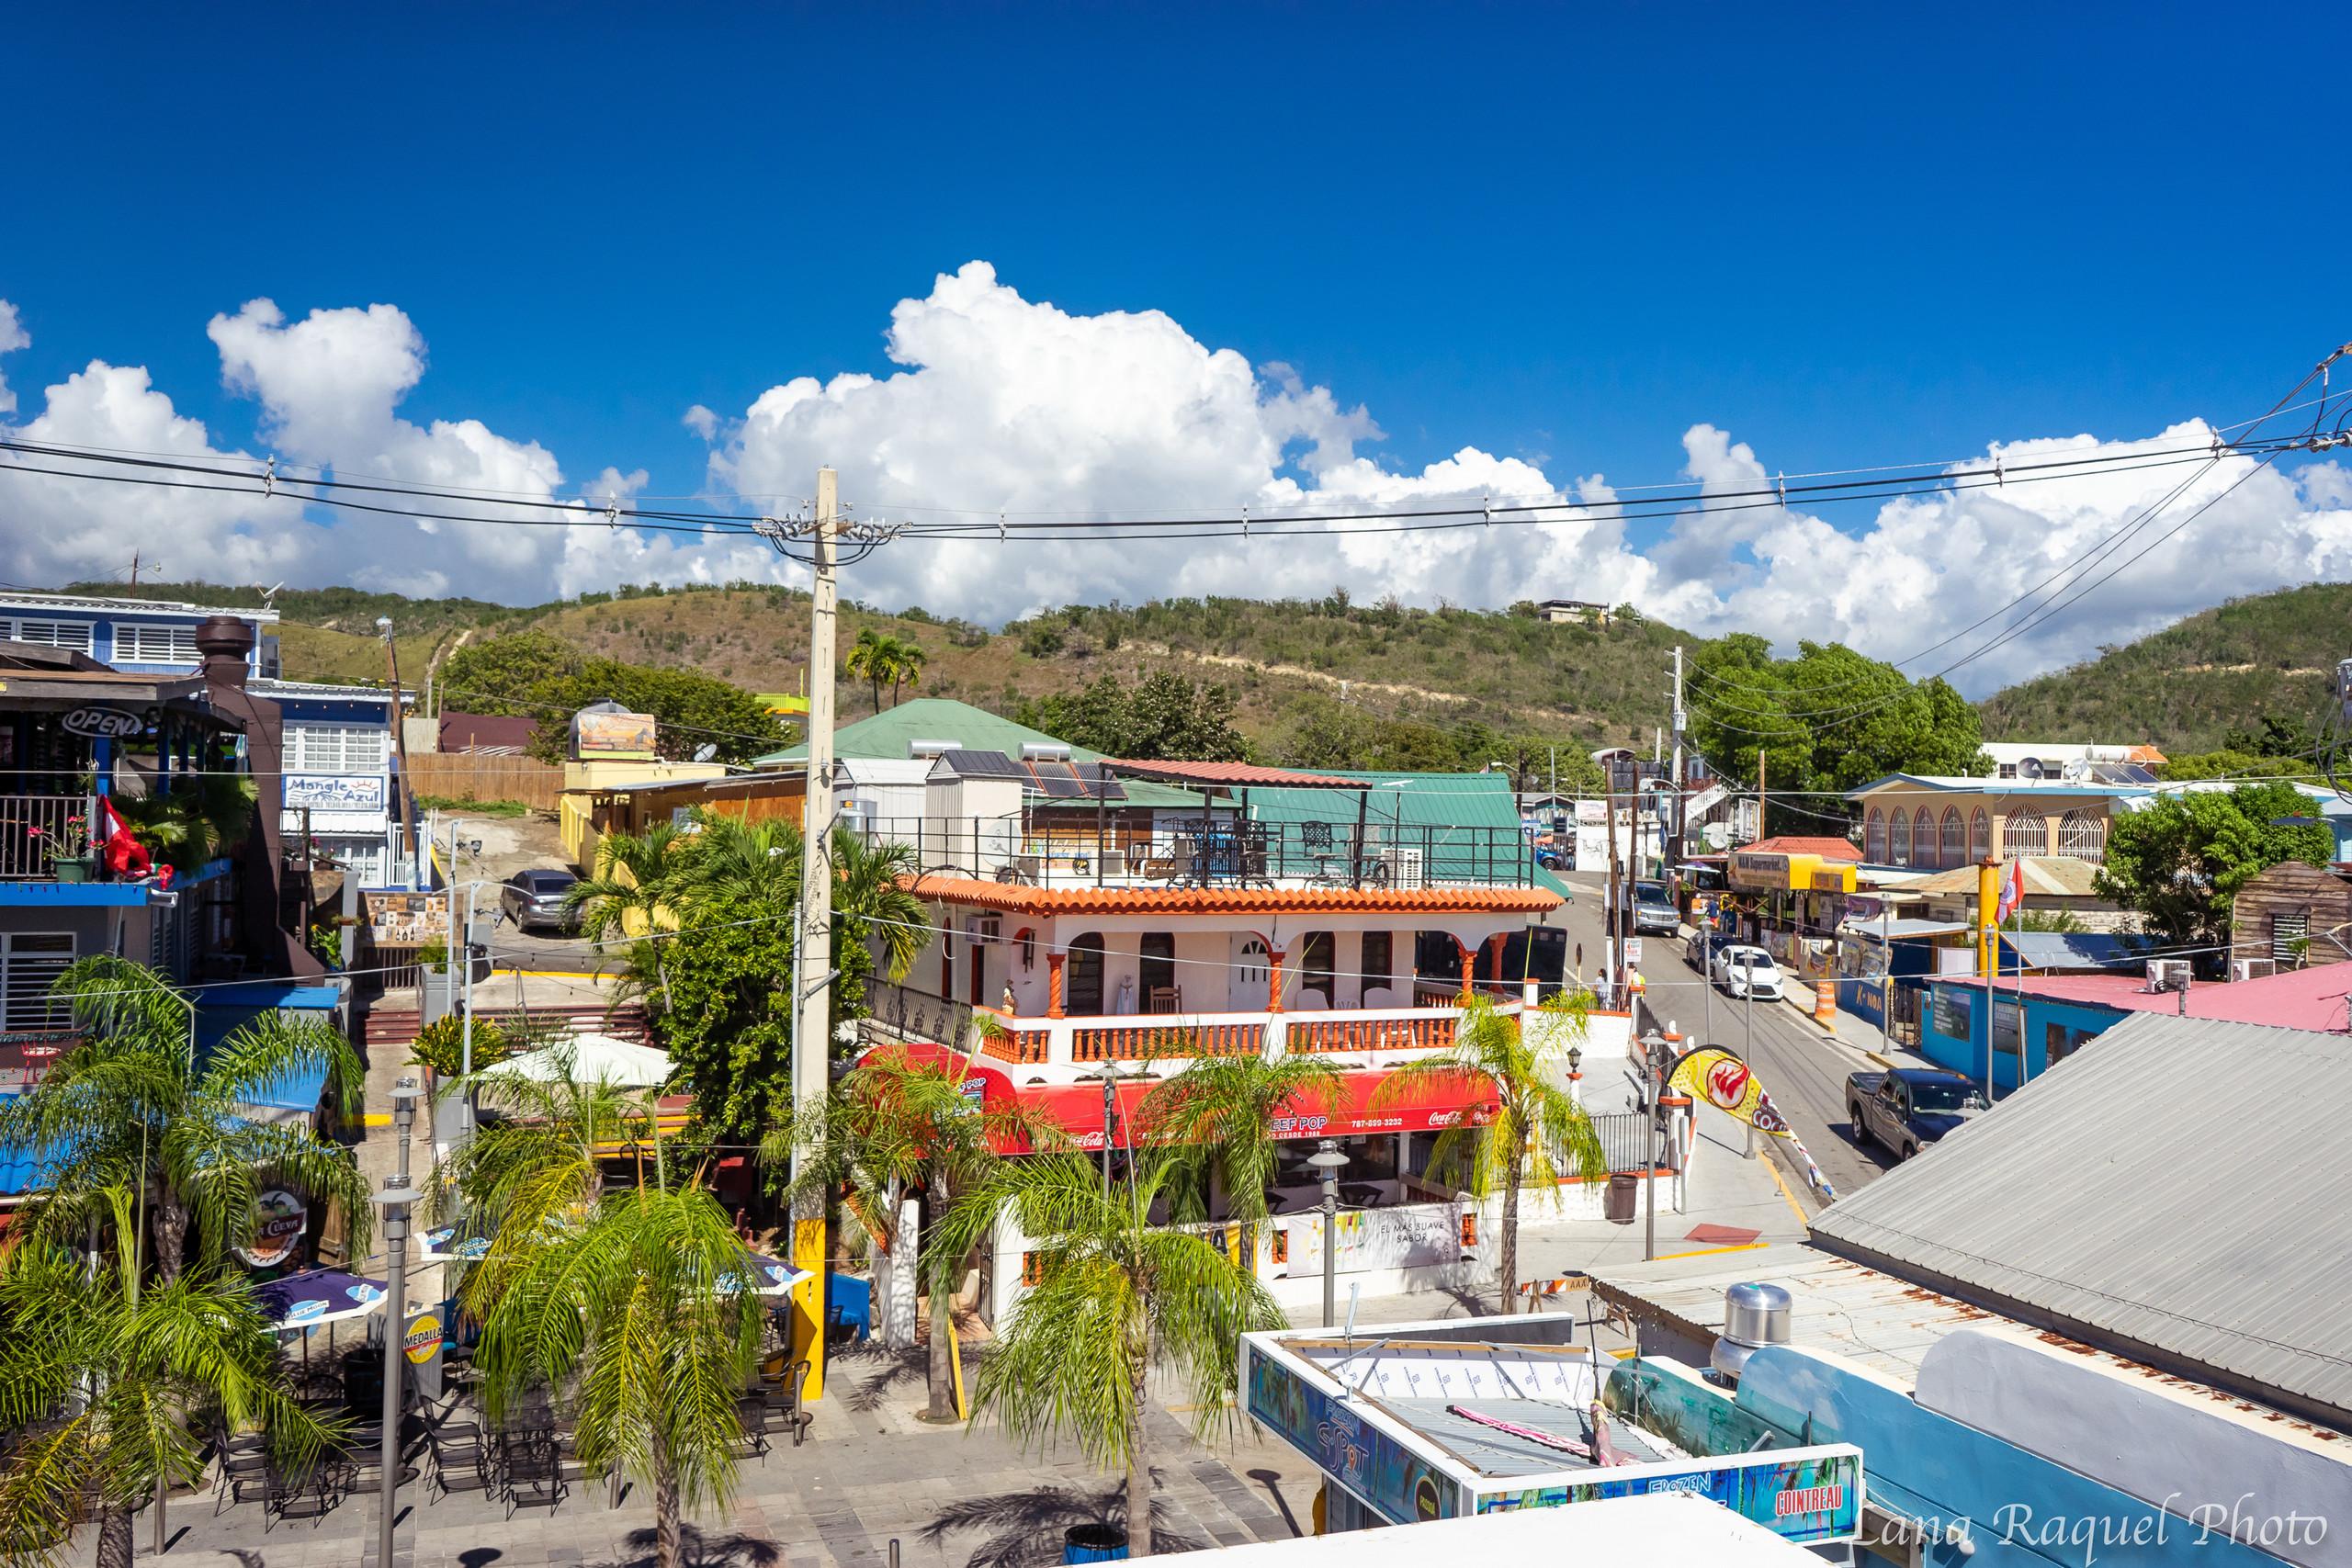 Scenic Overlook of Village in Puerto Rico